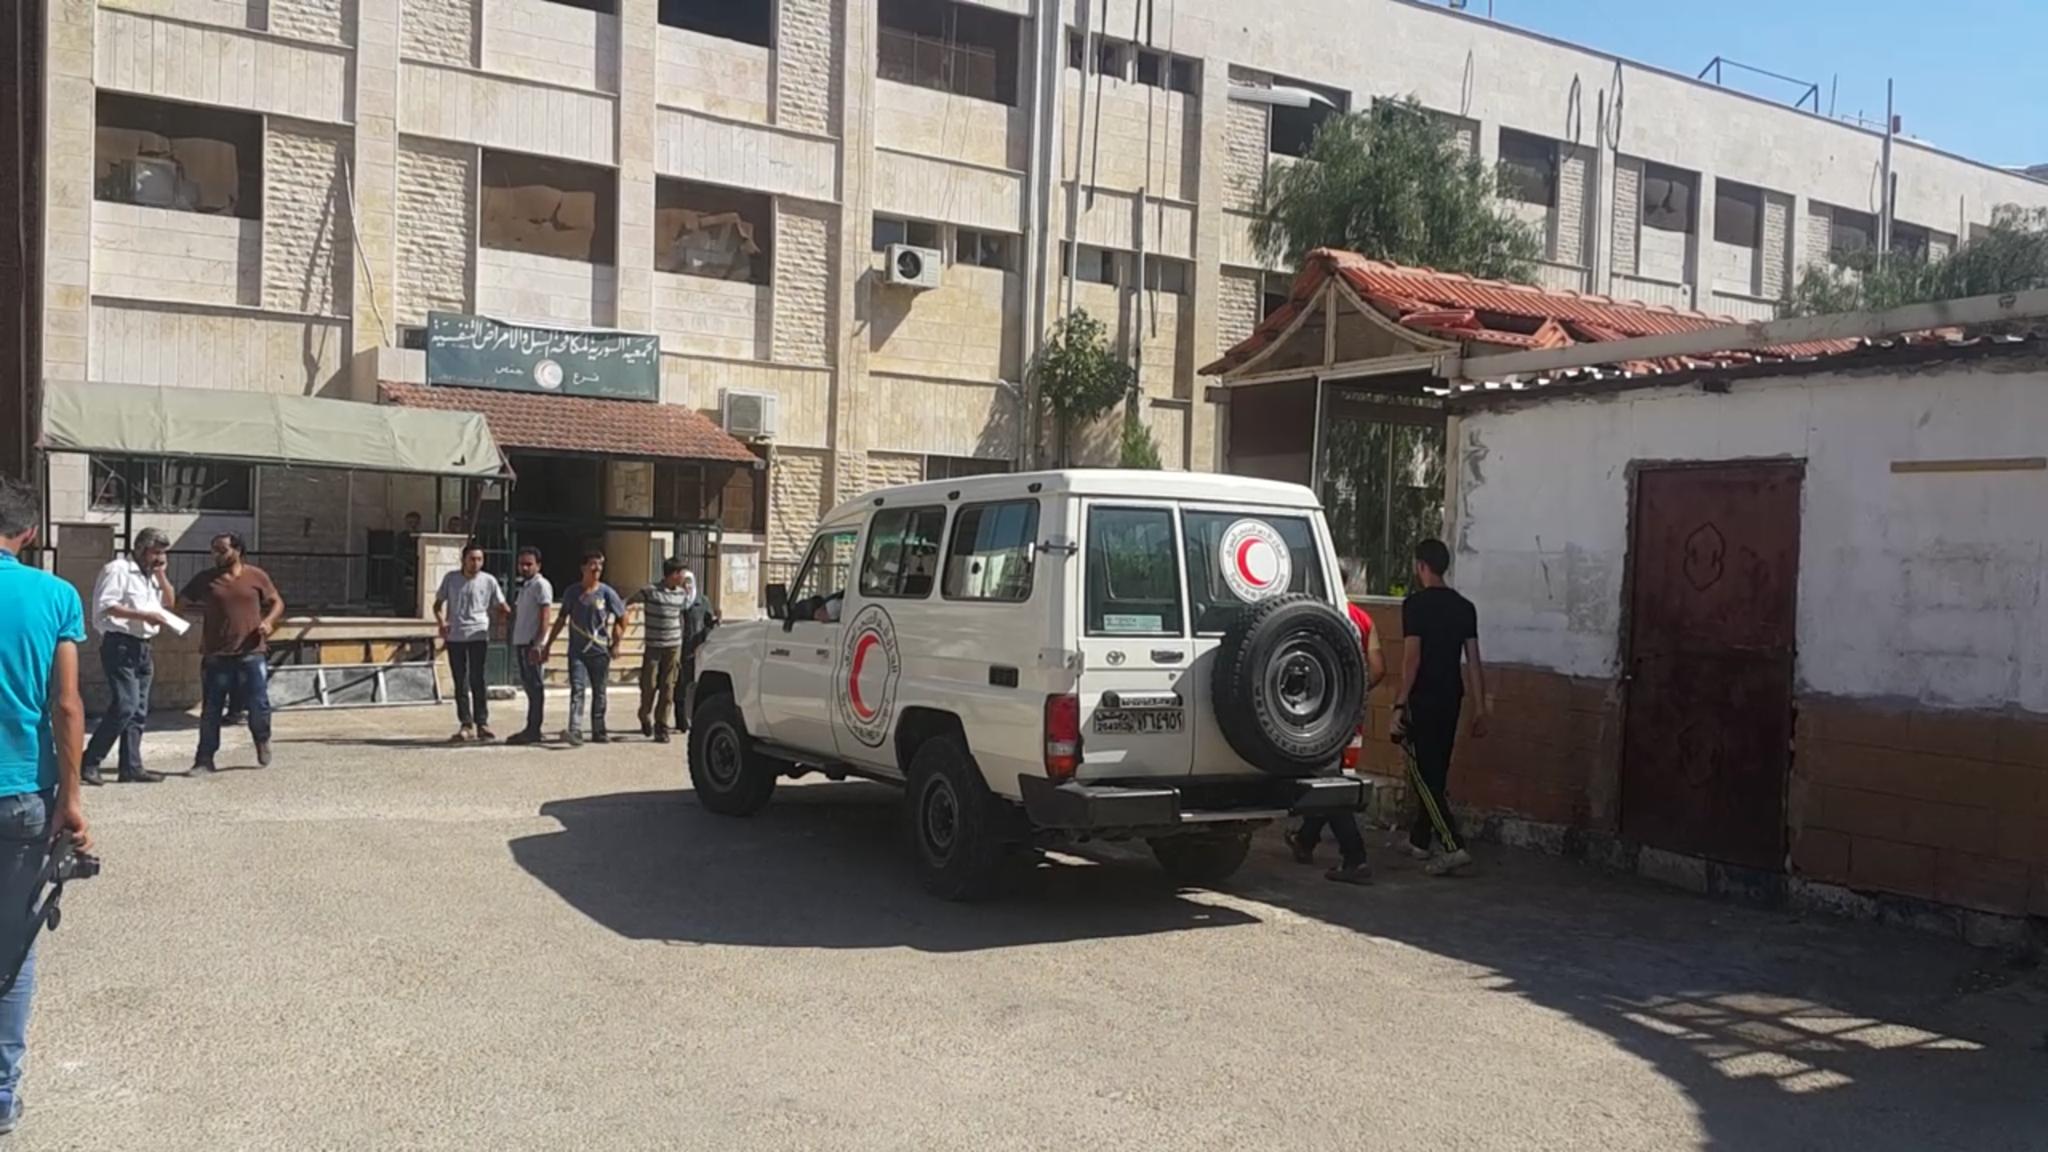 صورة الأسد يواجه الأمم المتحدة عسكريا لمنعها دخول الوعر